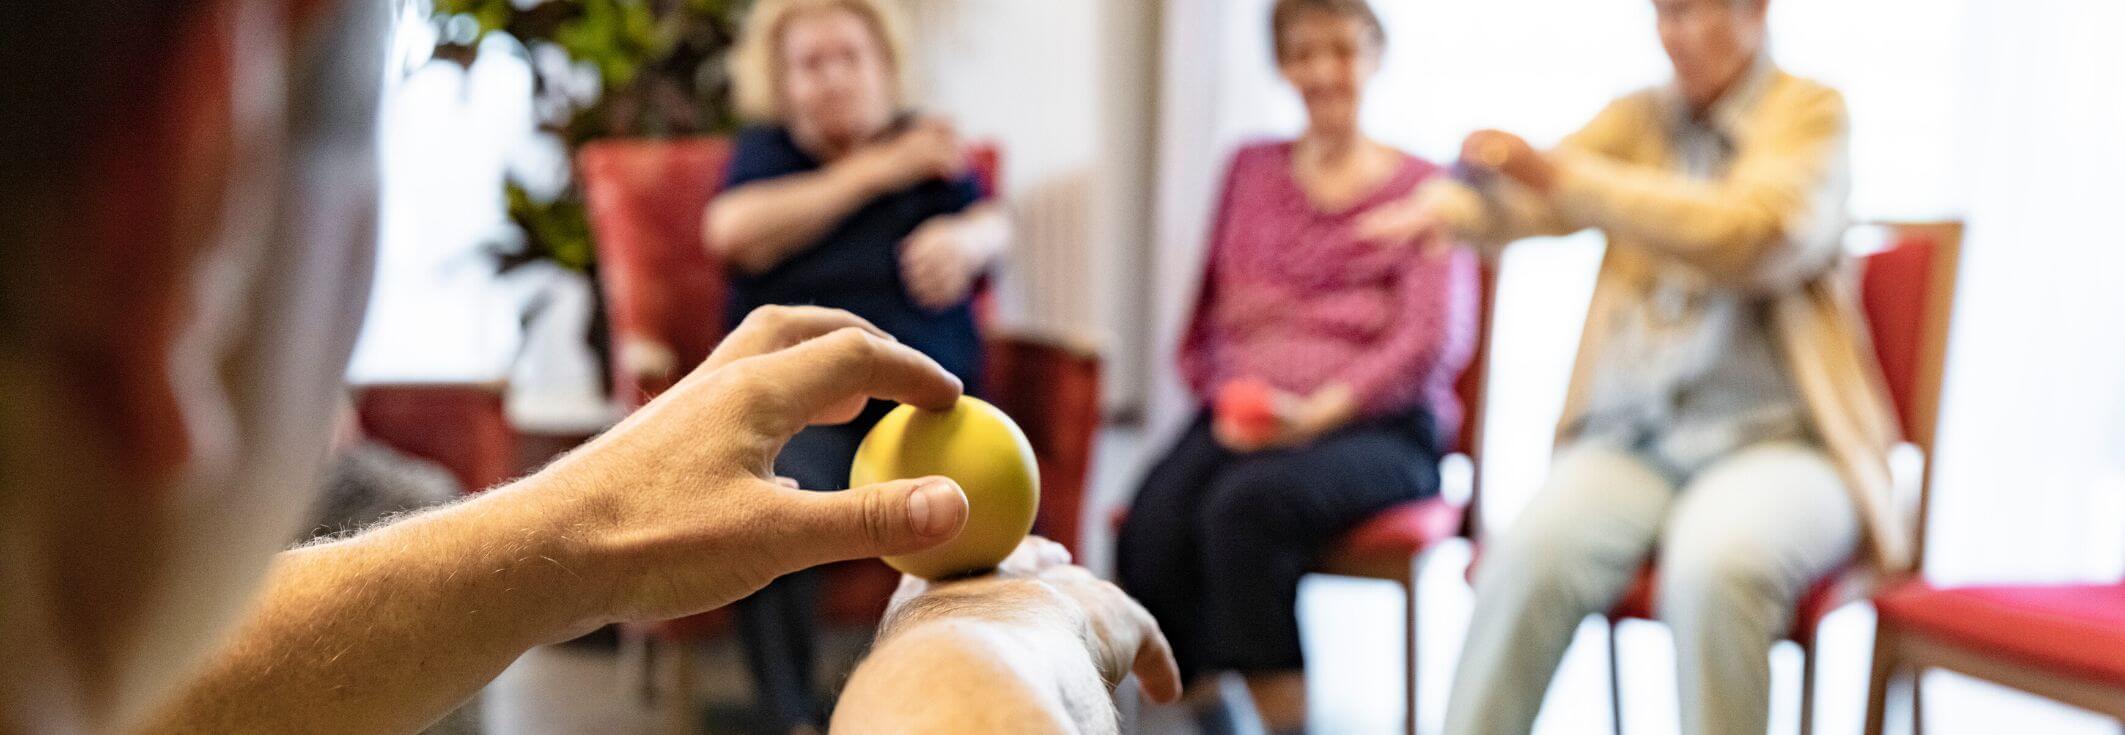 CARA Hildesheim Physiotherapie Angebot Programm Bewegung Seniorenheim Seniorenresidenz aktivieren Sport Mitarbeiter